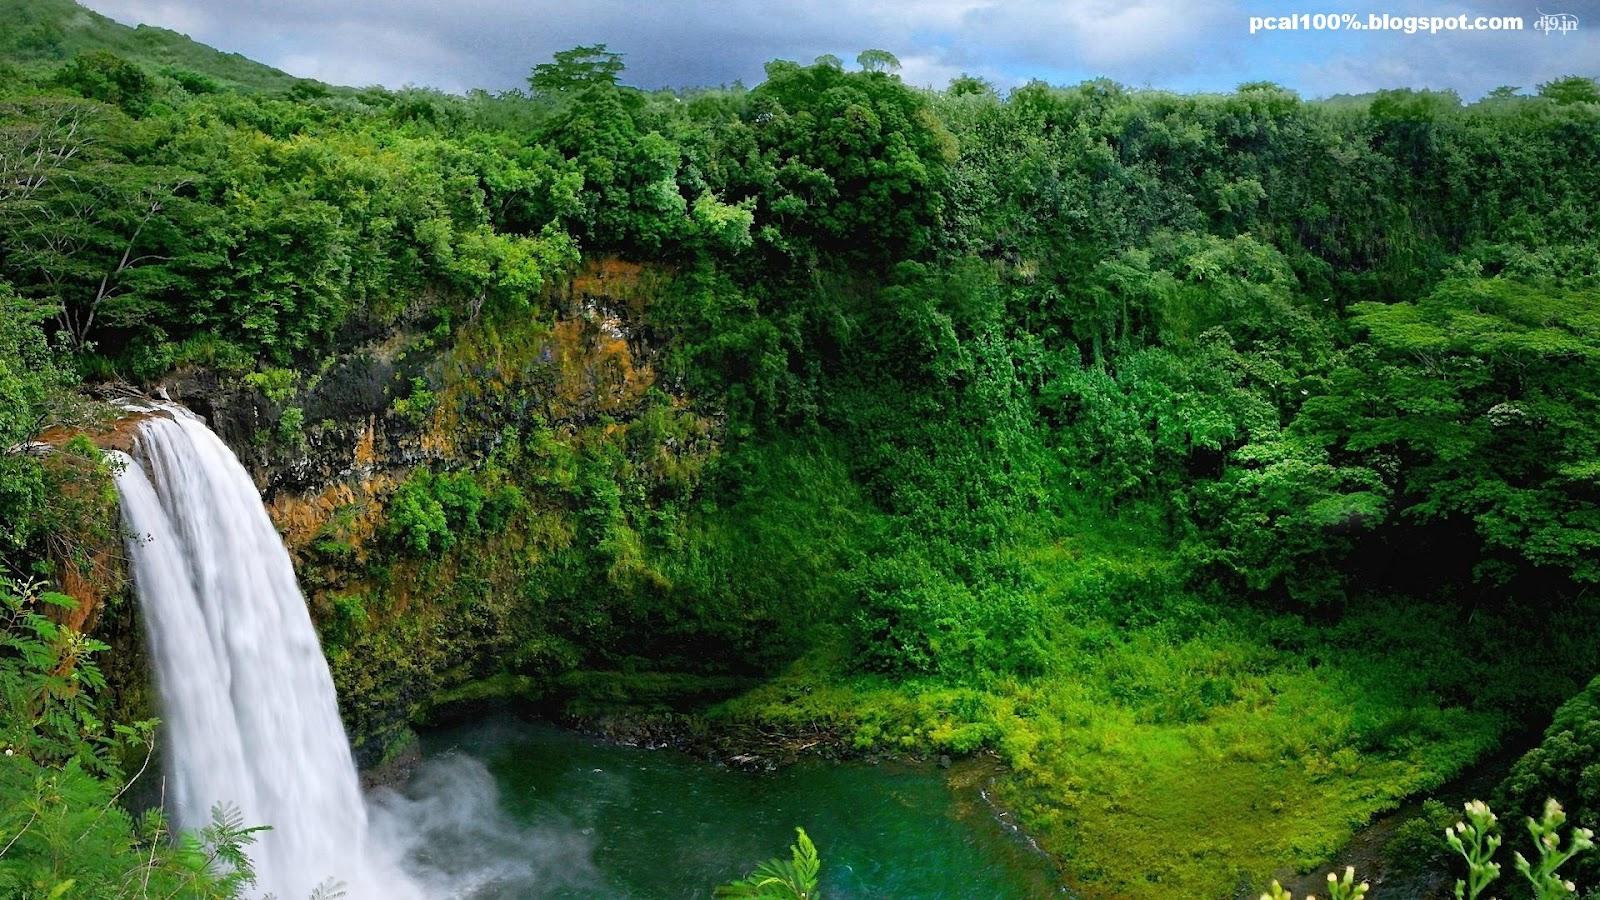 http://2.bp.blogspot.com/-xlnm08XNw70/T9DB993WVtI/AAAAAAAAAXs/P_aQuwELmks/s1600/beautiful_waterfall.jpg